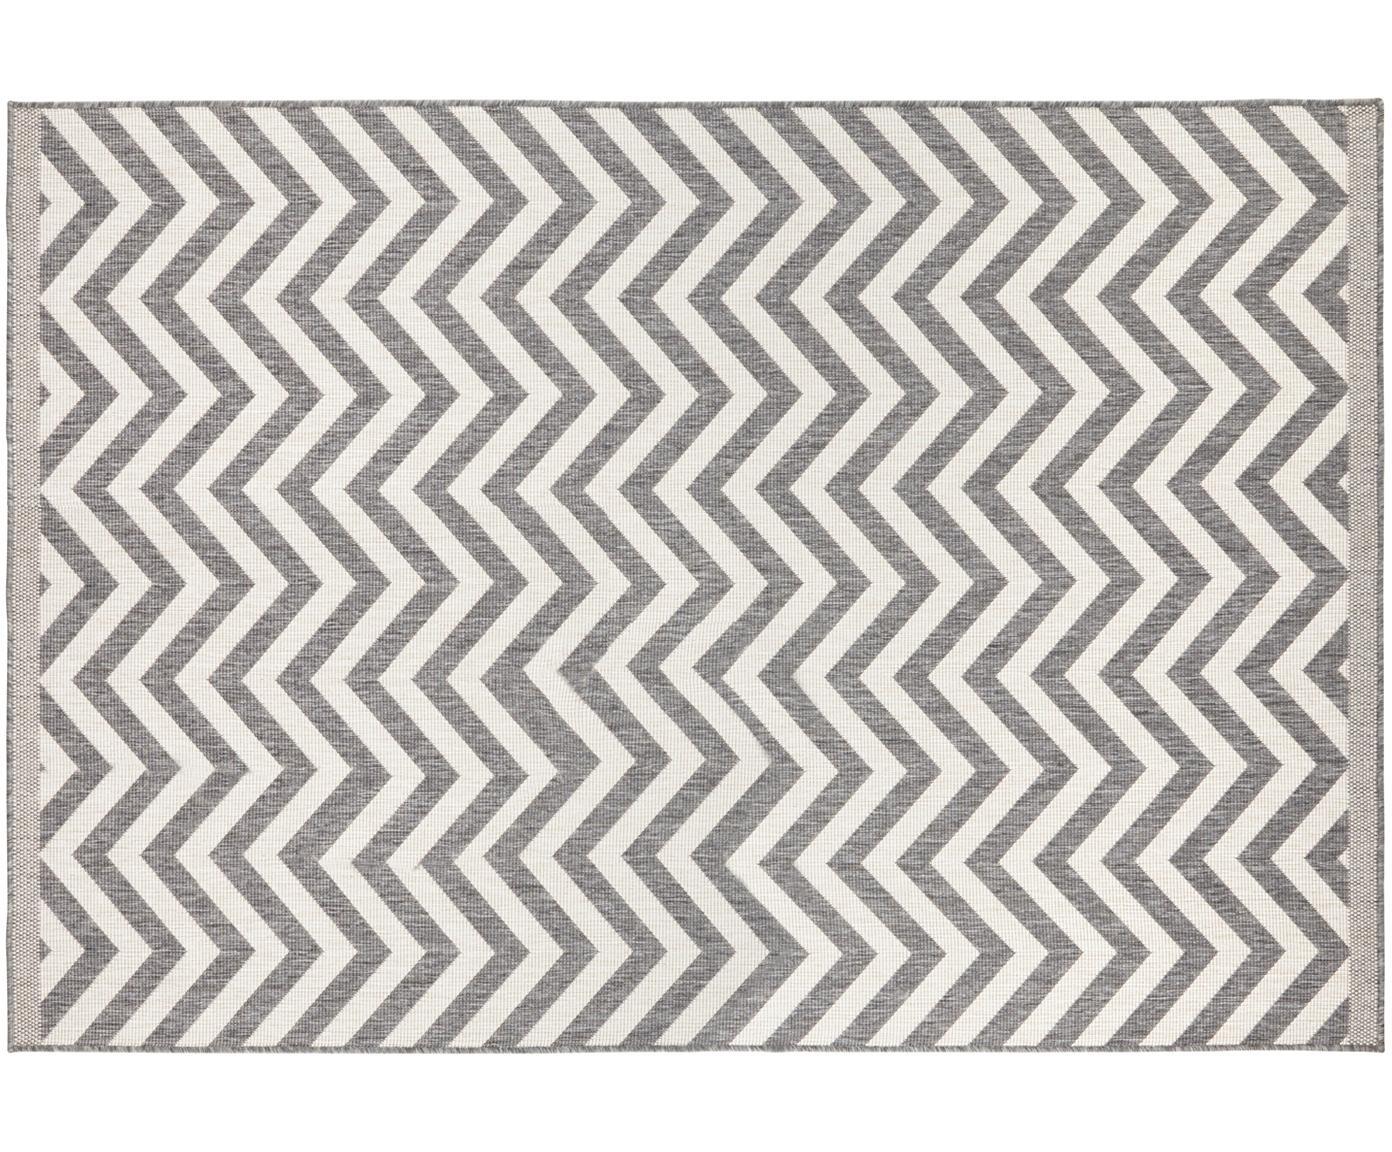 Dwustronny dywan wewnętrzny/zewnętrzny Palma, Szary, kremowy, S 160 x D 230 cm (Rozmiar M)